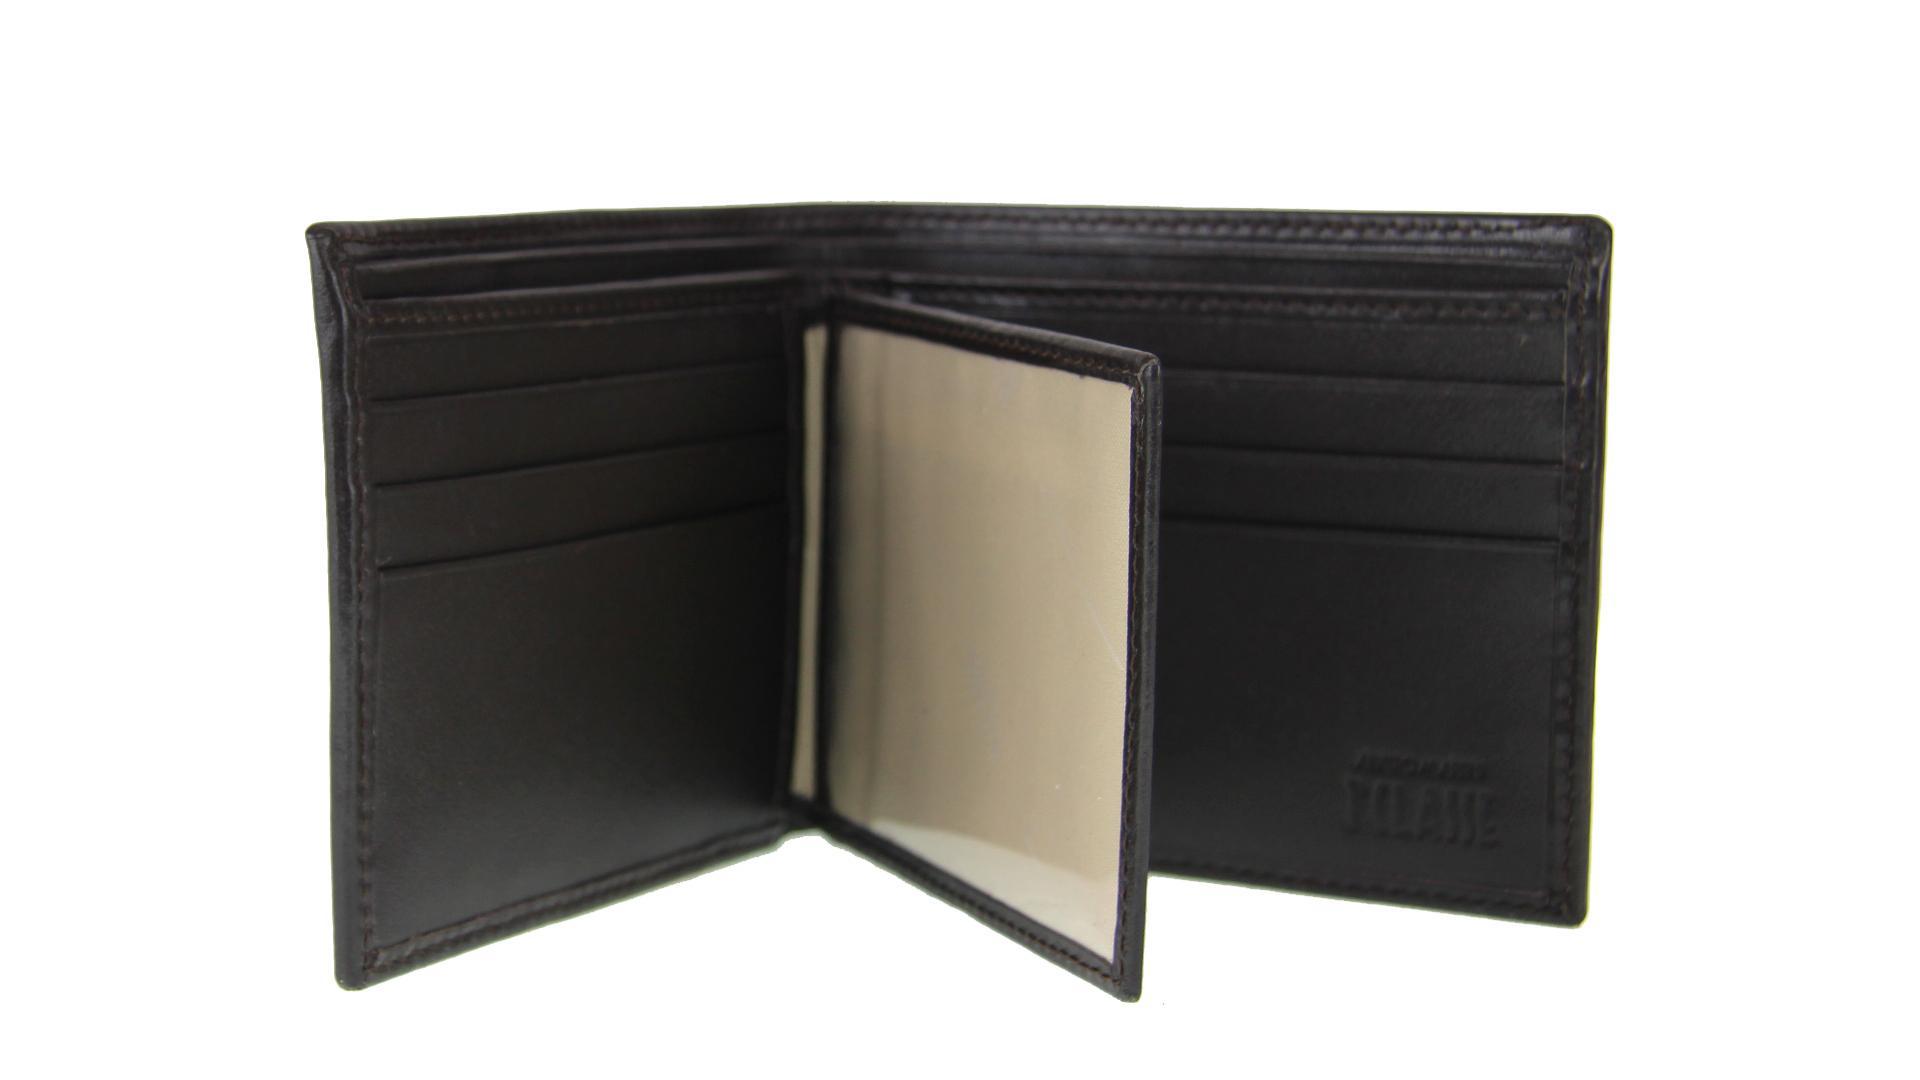 Man wallet Alviero Martini 1A Classe Continuativo W114 6130 590 Tortora